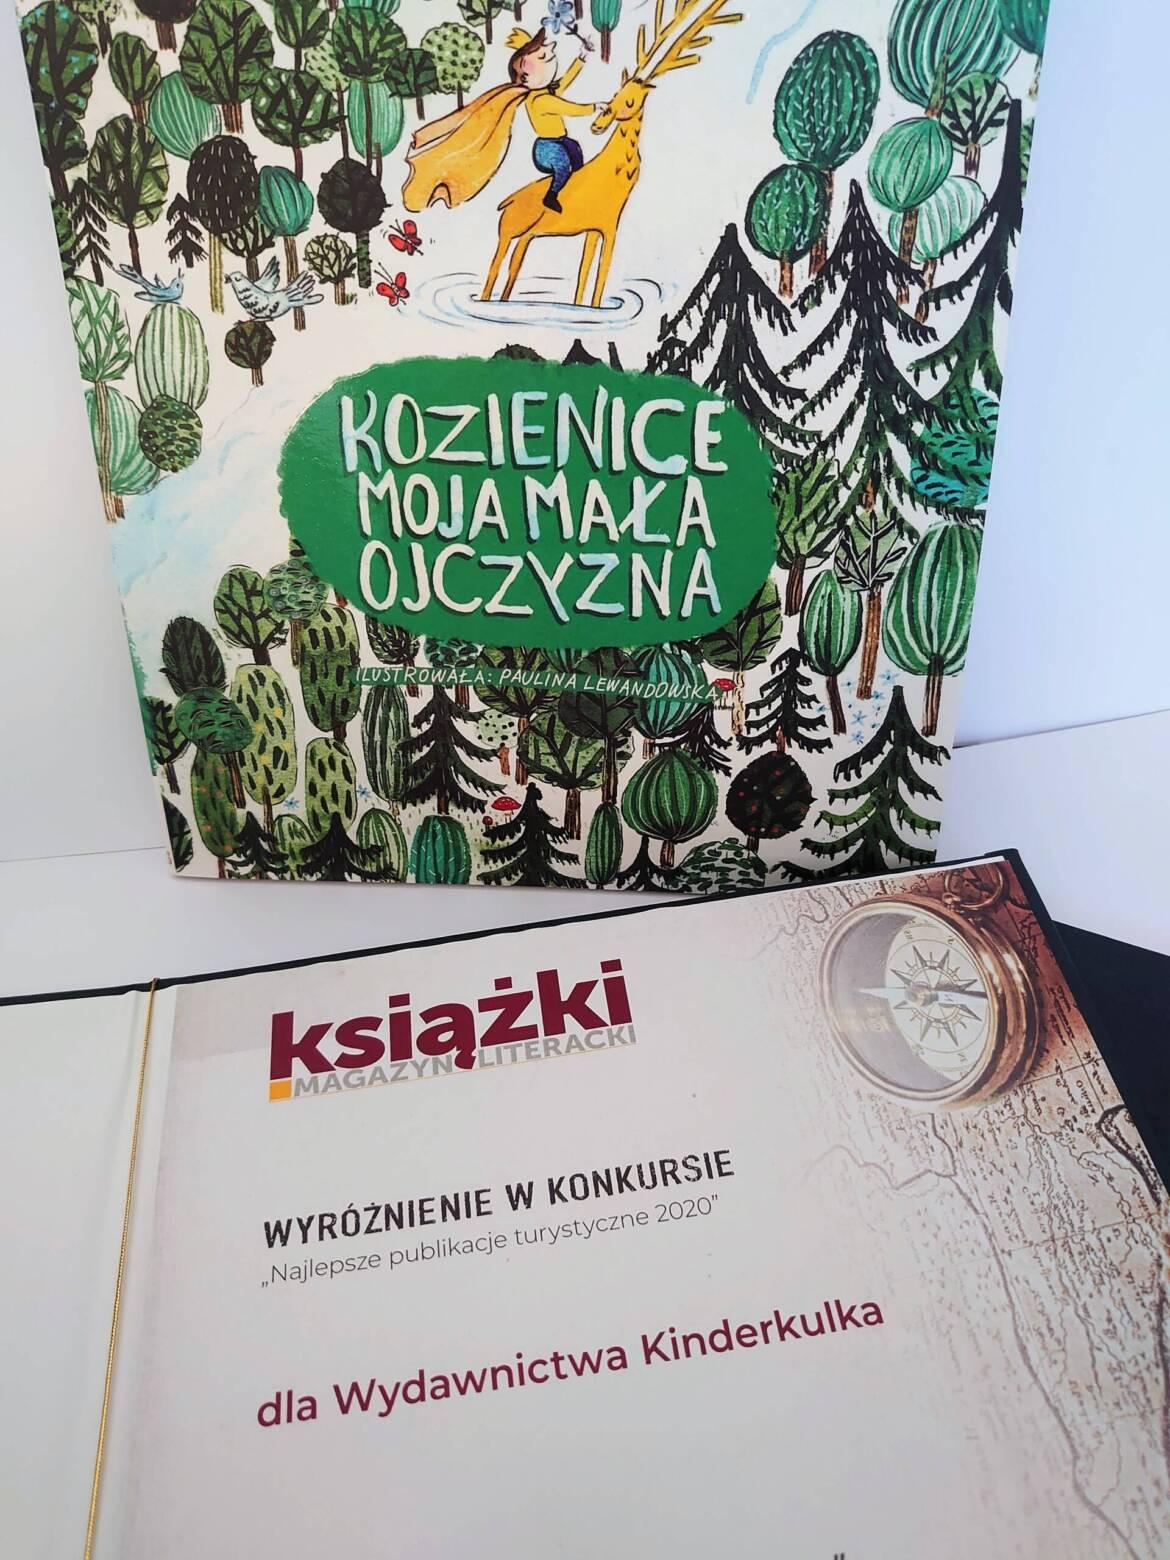 Kinderkulka_Kozienice_moja_mala_ojczyzna_6-scaled.jpg